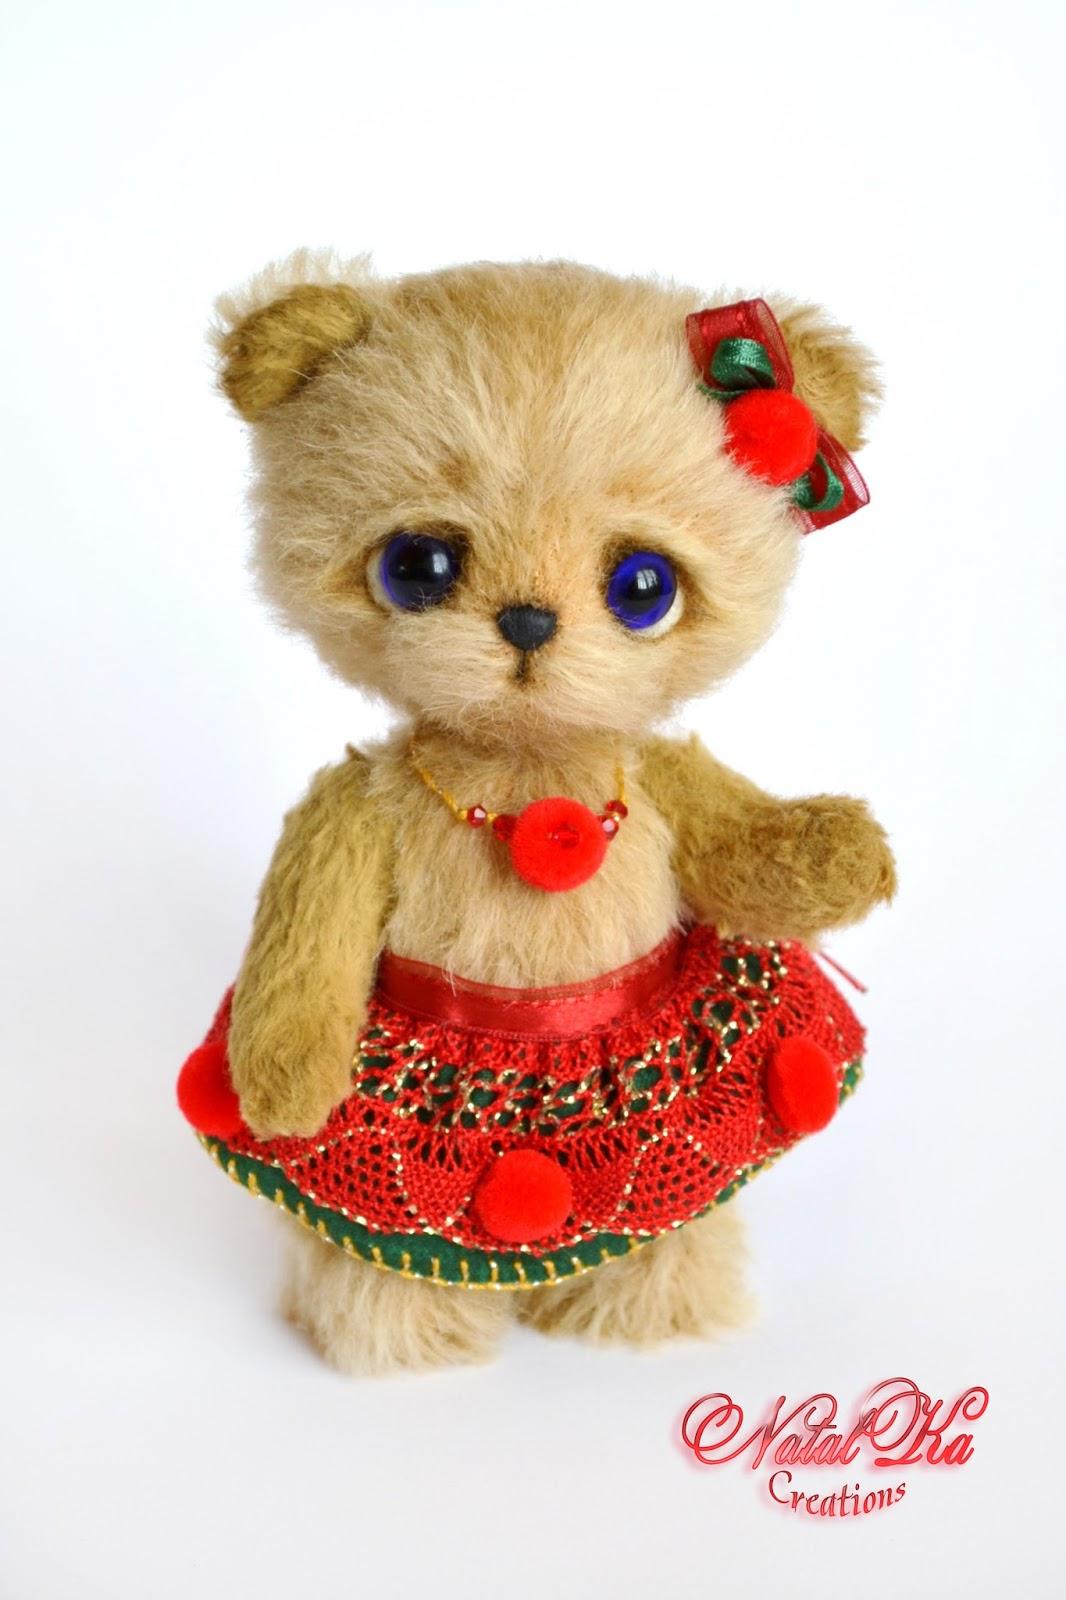 Artist teddy bear, artist bear, ooak, jointed, handmade by NatalKa Creations. Künstlerbär, Künstlerteddy, Teddybär, Teddy, Unikat, handgemacht von NatalKa Creations.